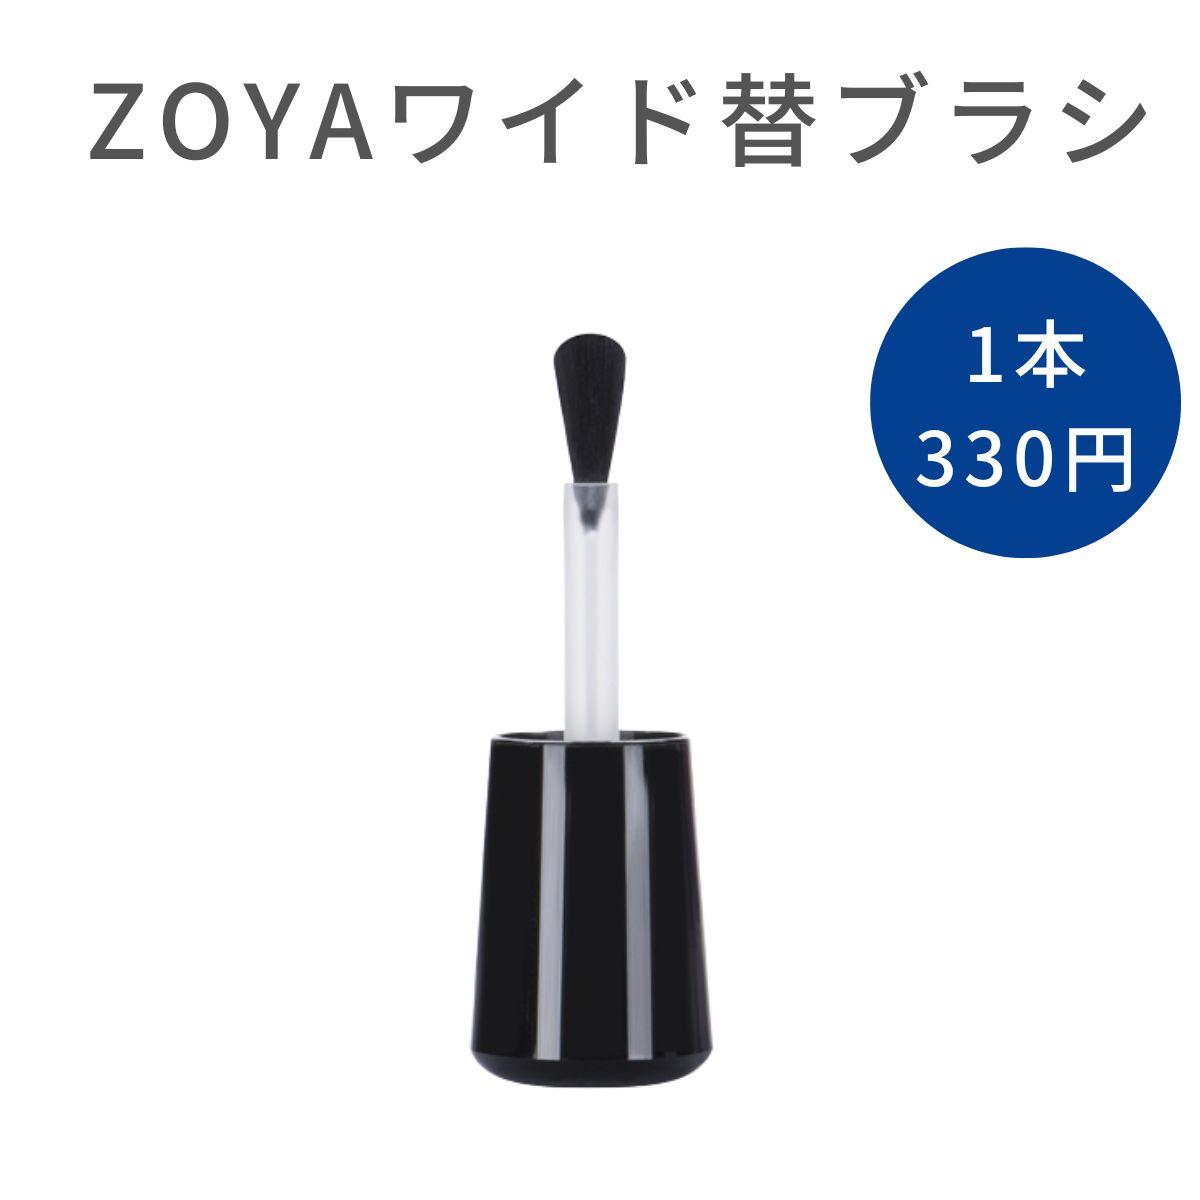 【スタッフ一押し!】【送料込み】ZOYA ゾーヤ ゾヤ Z-ワイド替ブラシ 1P 塗りやすい 筆 zoya セルフネイル にもおすすめ